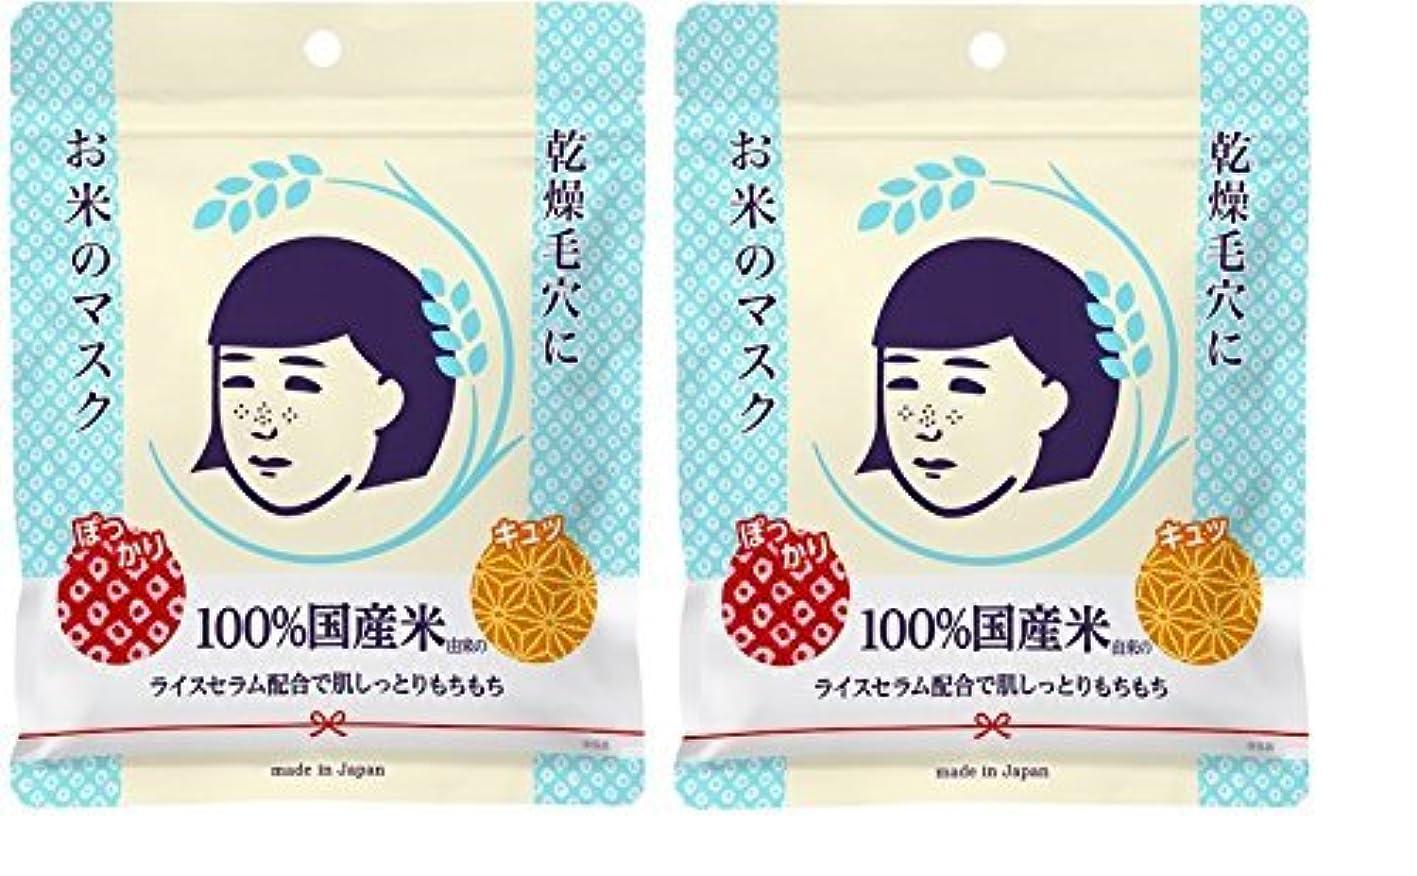 アサーチップシーン2個セット 毛穴撫子 お米のマスク 10枚入 100%国産米使用 フェイスマスク×2